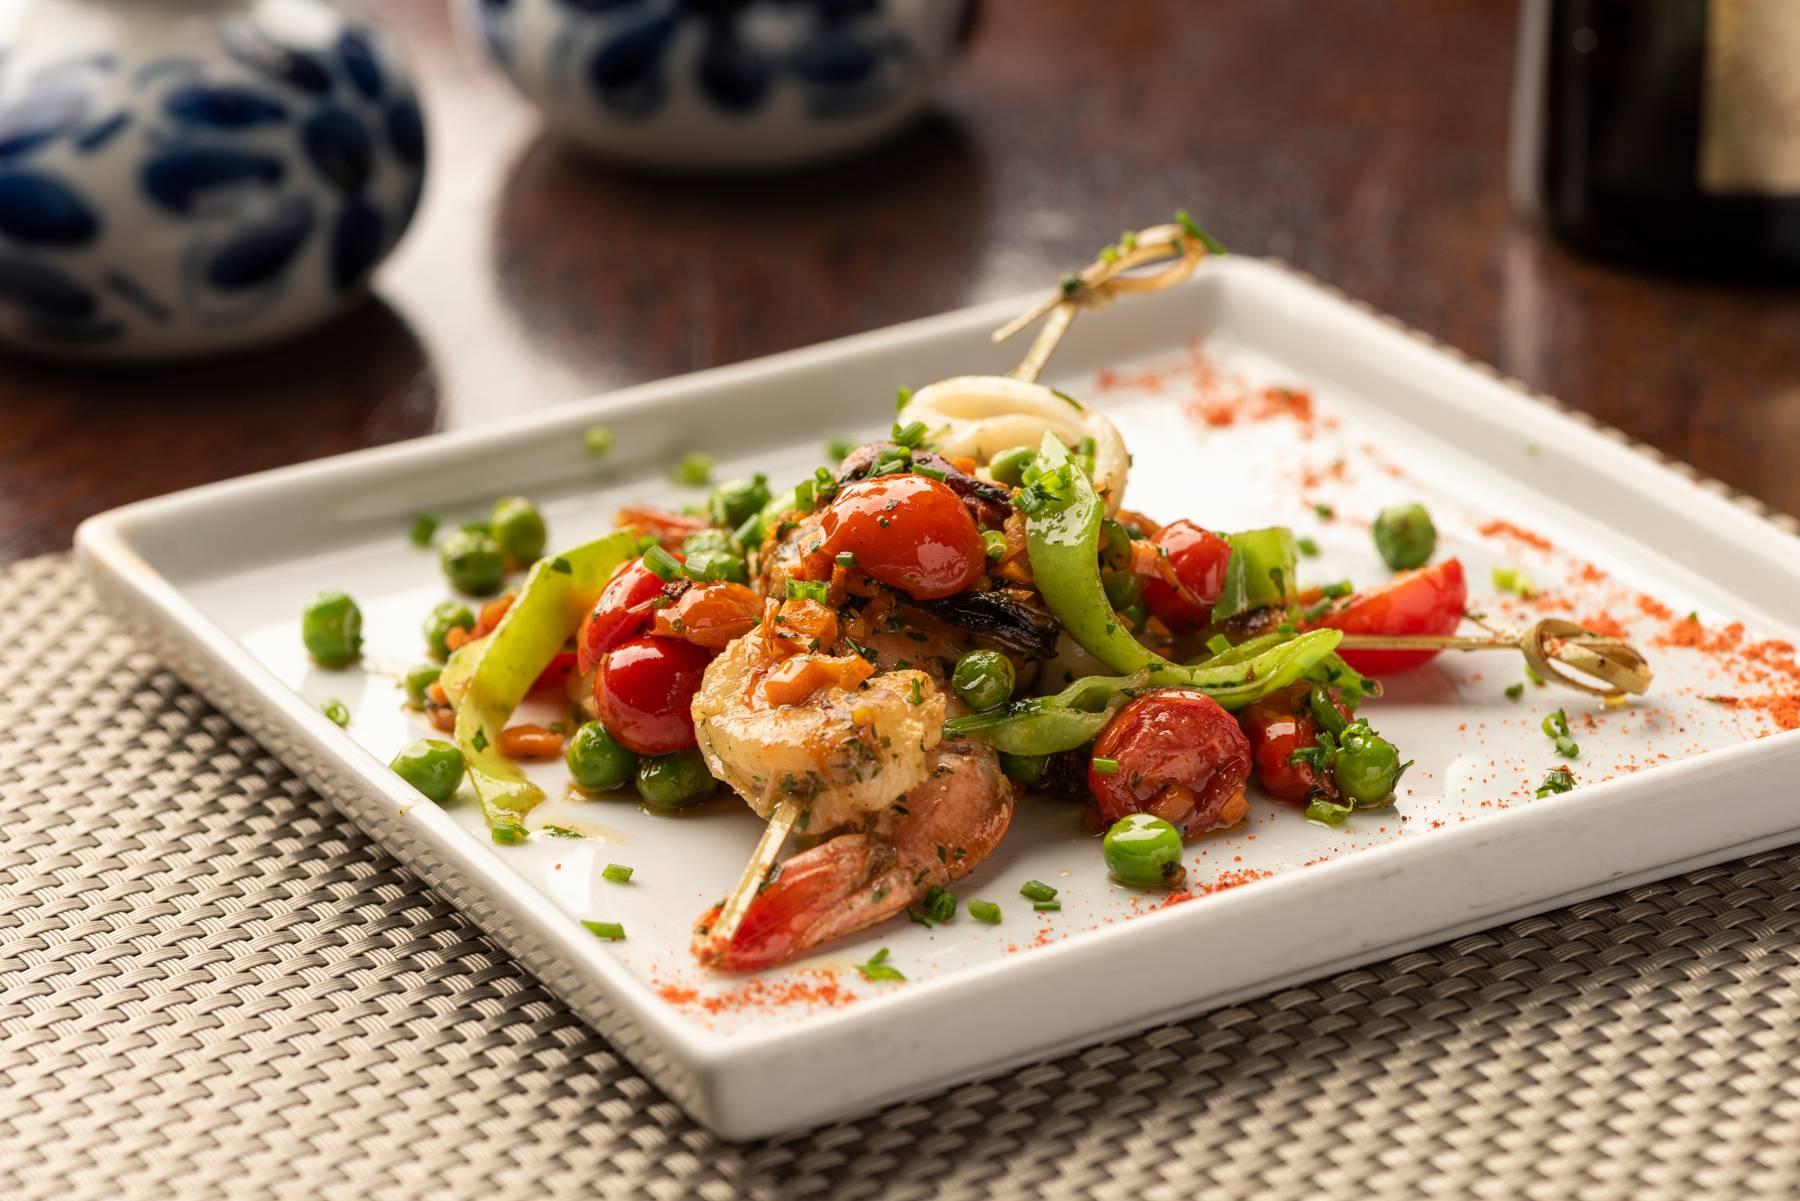 O Olivença Cozinha Ibérica tem camarão, lula e polvo na Espetada do Mar para a entrada do jantar.